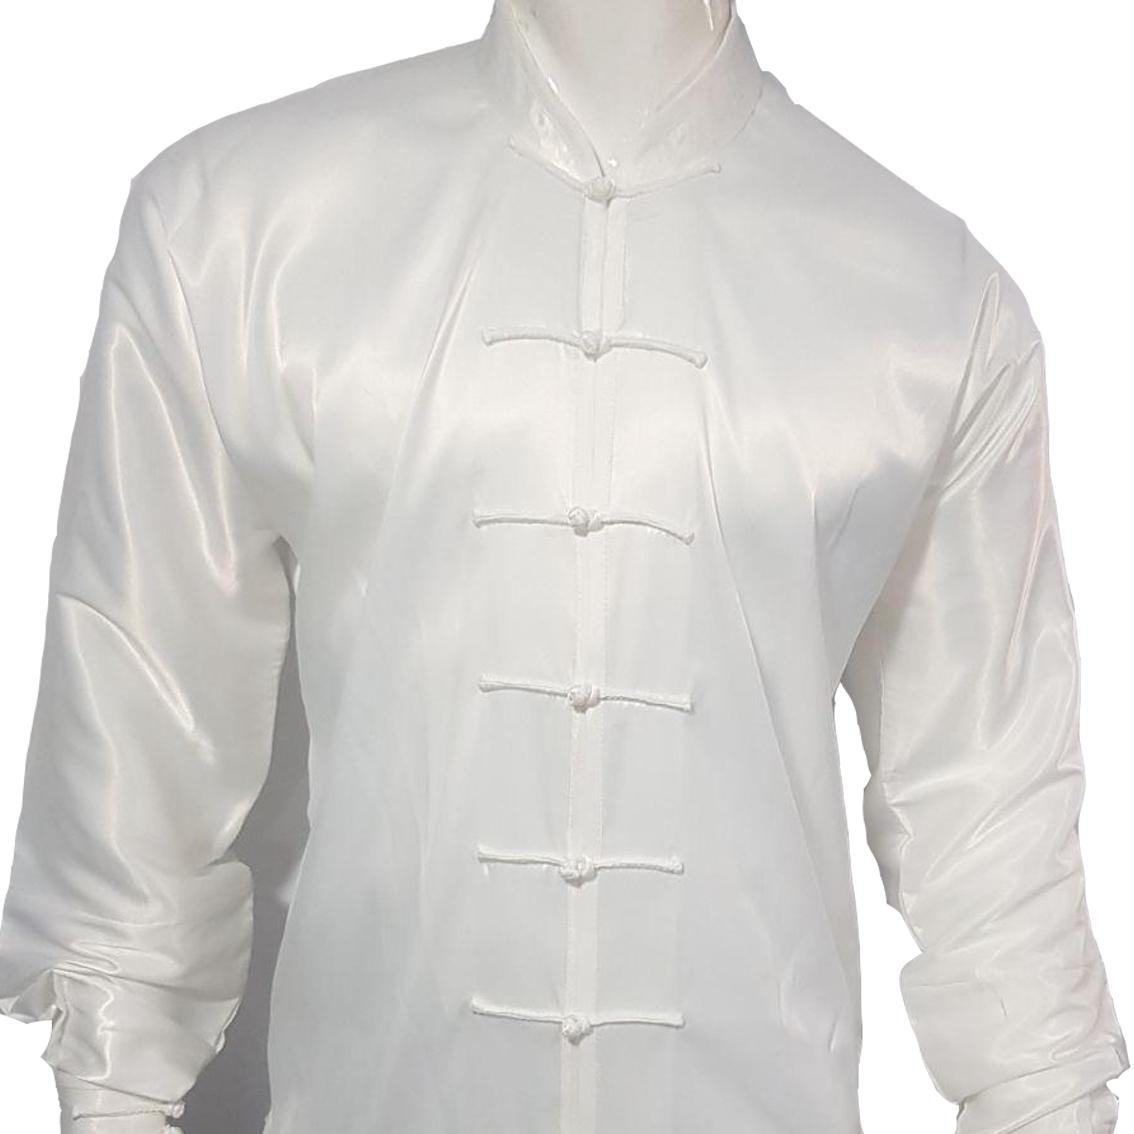 لباس تایچی سفید